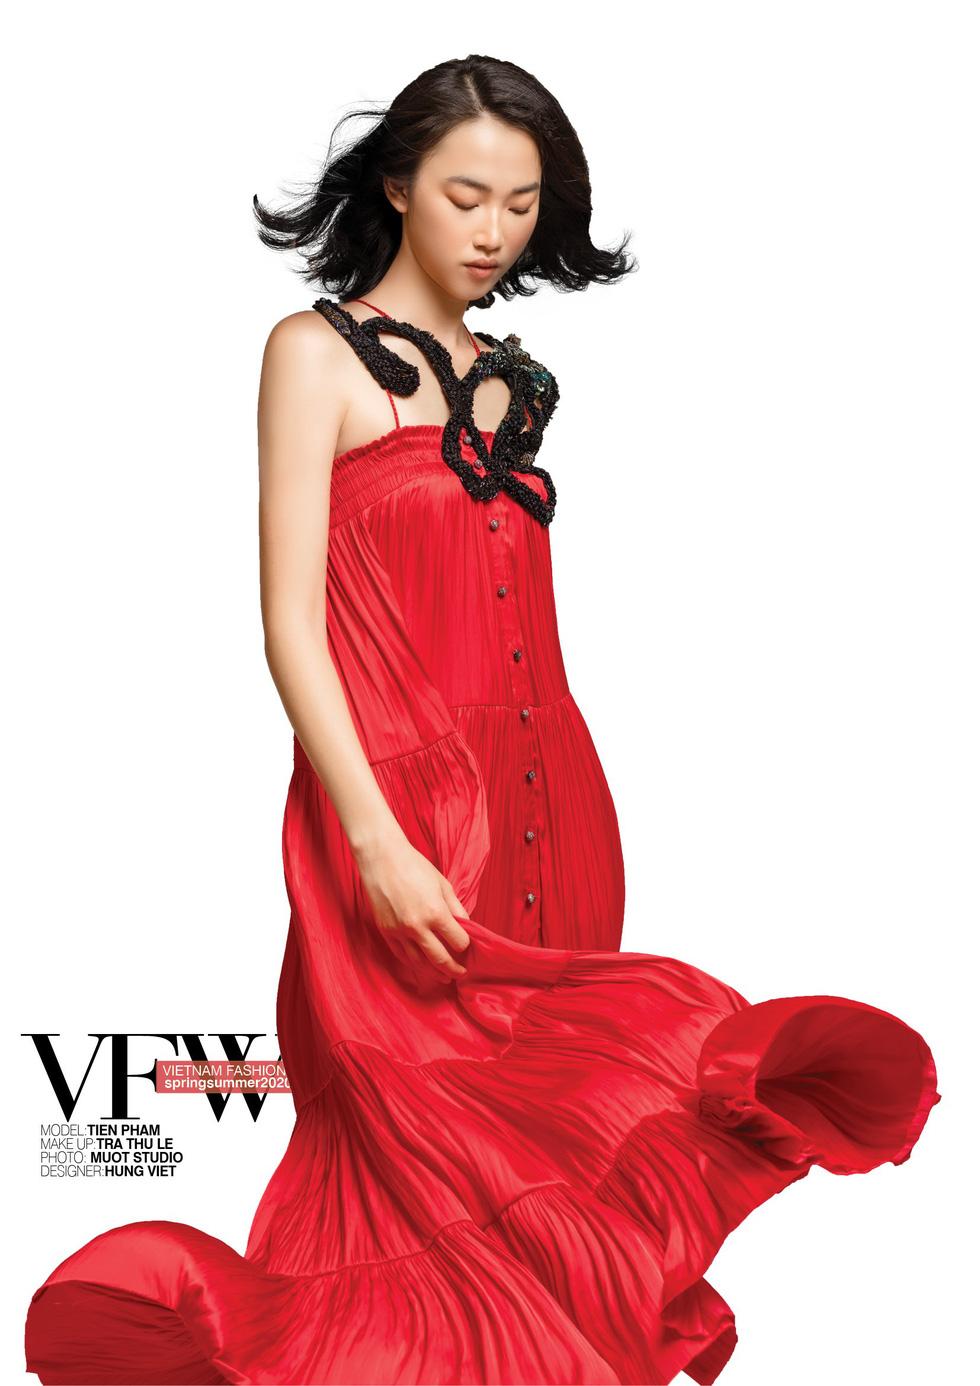 NTK Minh Hạnh: Sao phải đợi Louis Vuitton, ta mới thấy Việt Nam mình đẹp! - Ảnh 2.